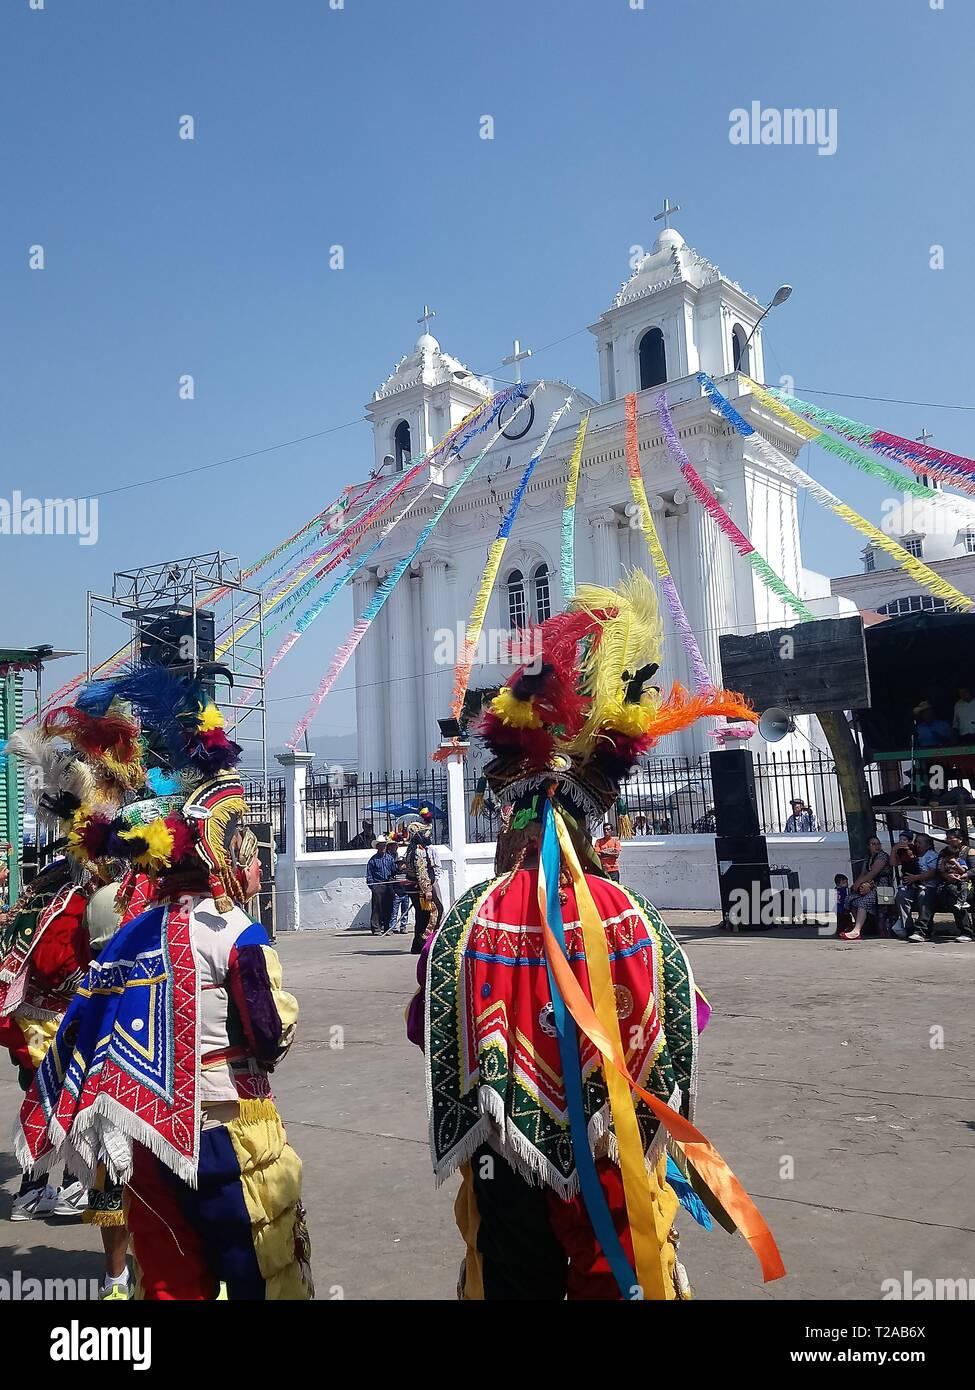 El baile tradicional de los toritos y venados n.a. tradición guatemalteca cultura única fiesta patronale san juan osculcalco quetzaltenango i municipio Immagini Stock